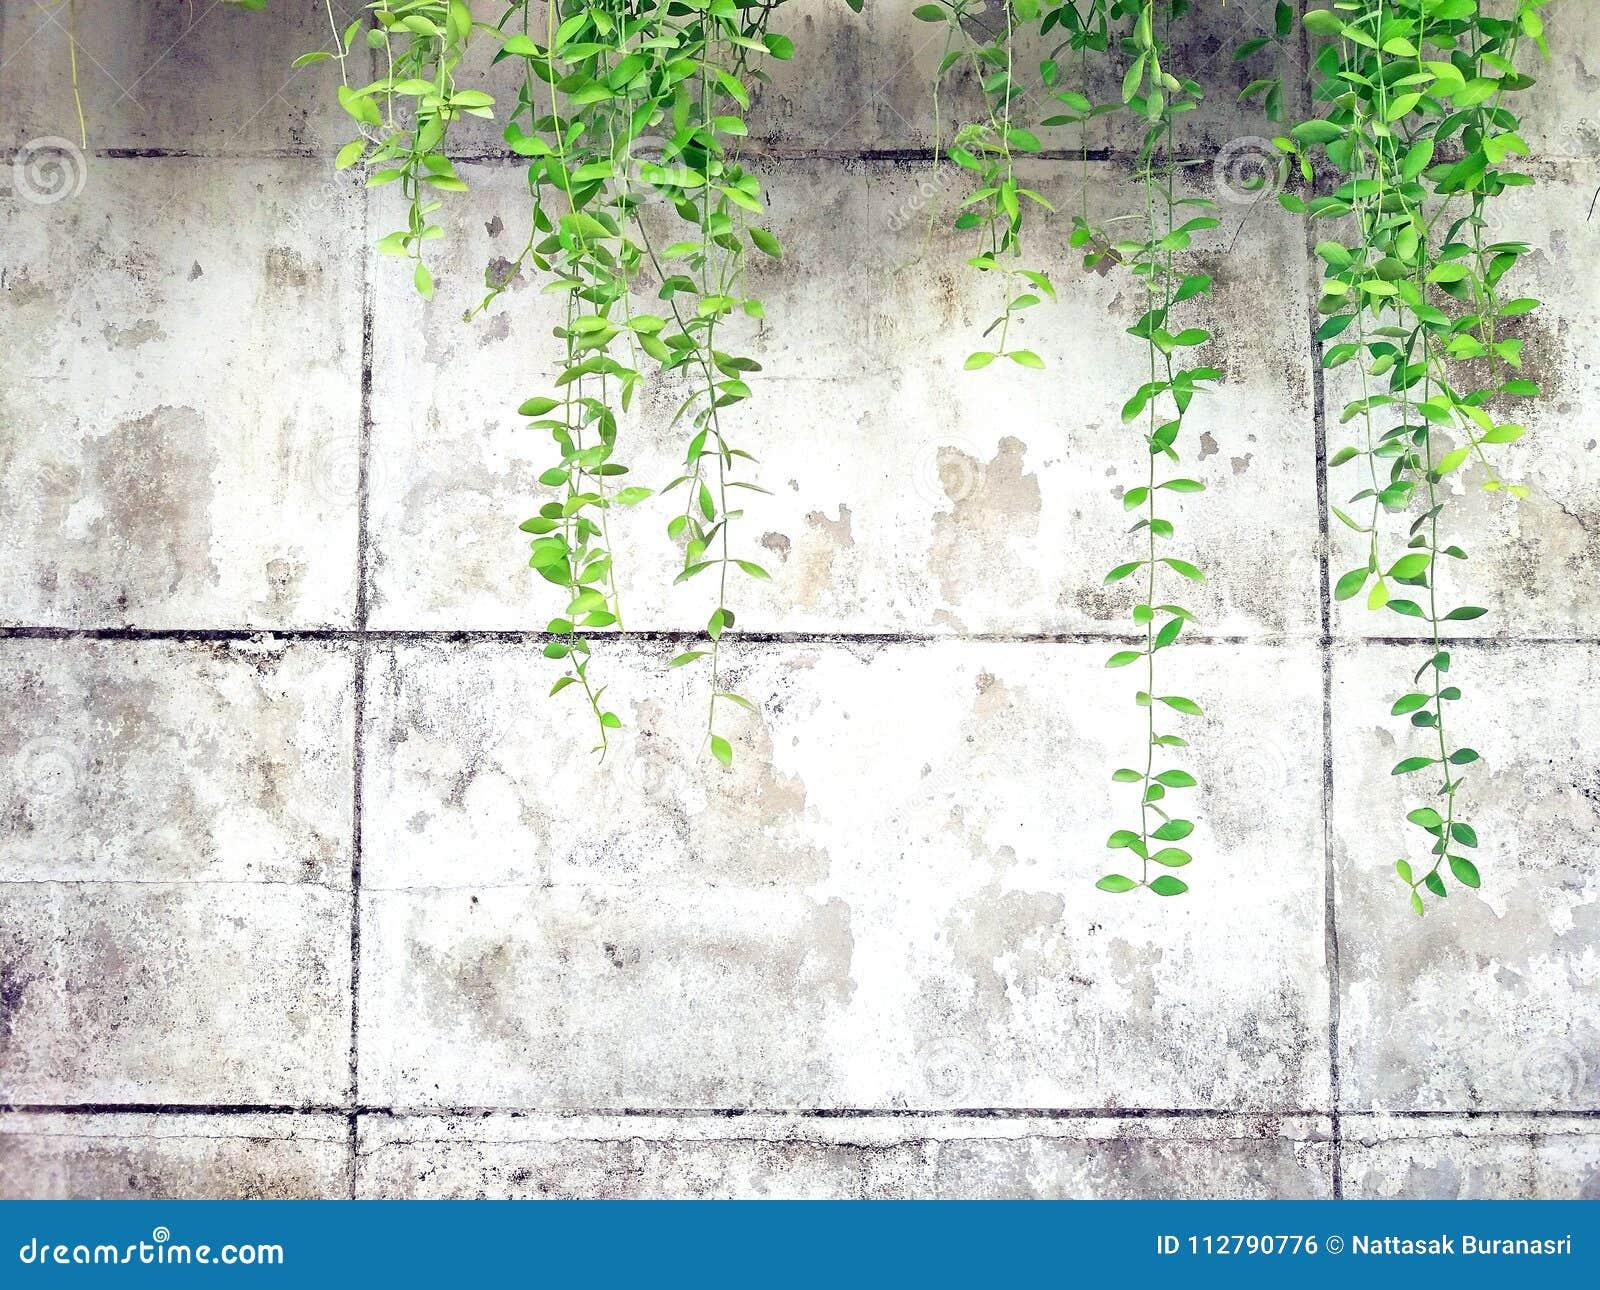 Grön vinranka, lian eller för krypa växt på gammalt vitt cement eller abstrakt väggbakgrund för grunge med kopieringsutrymme